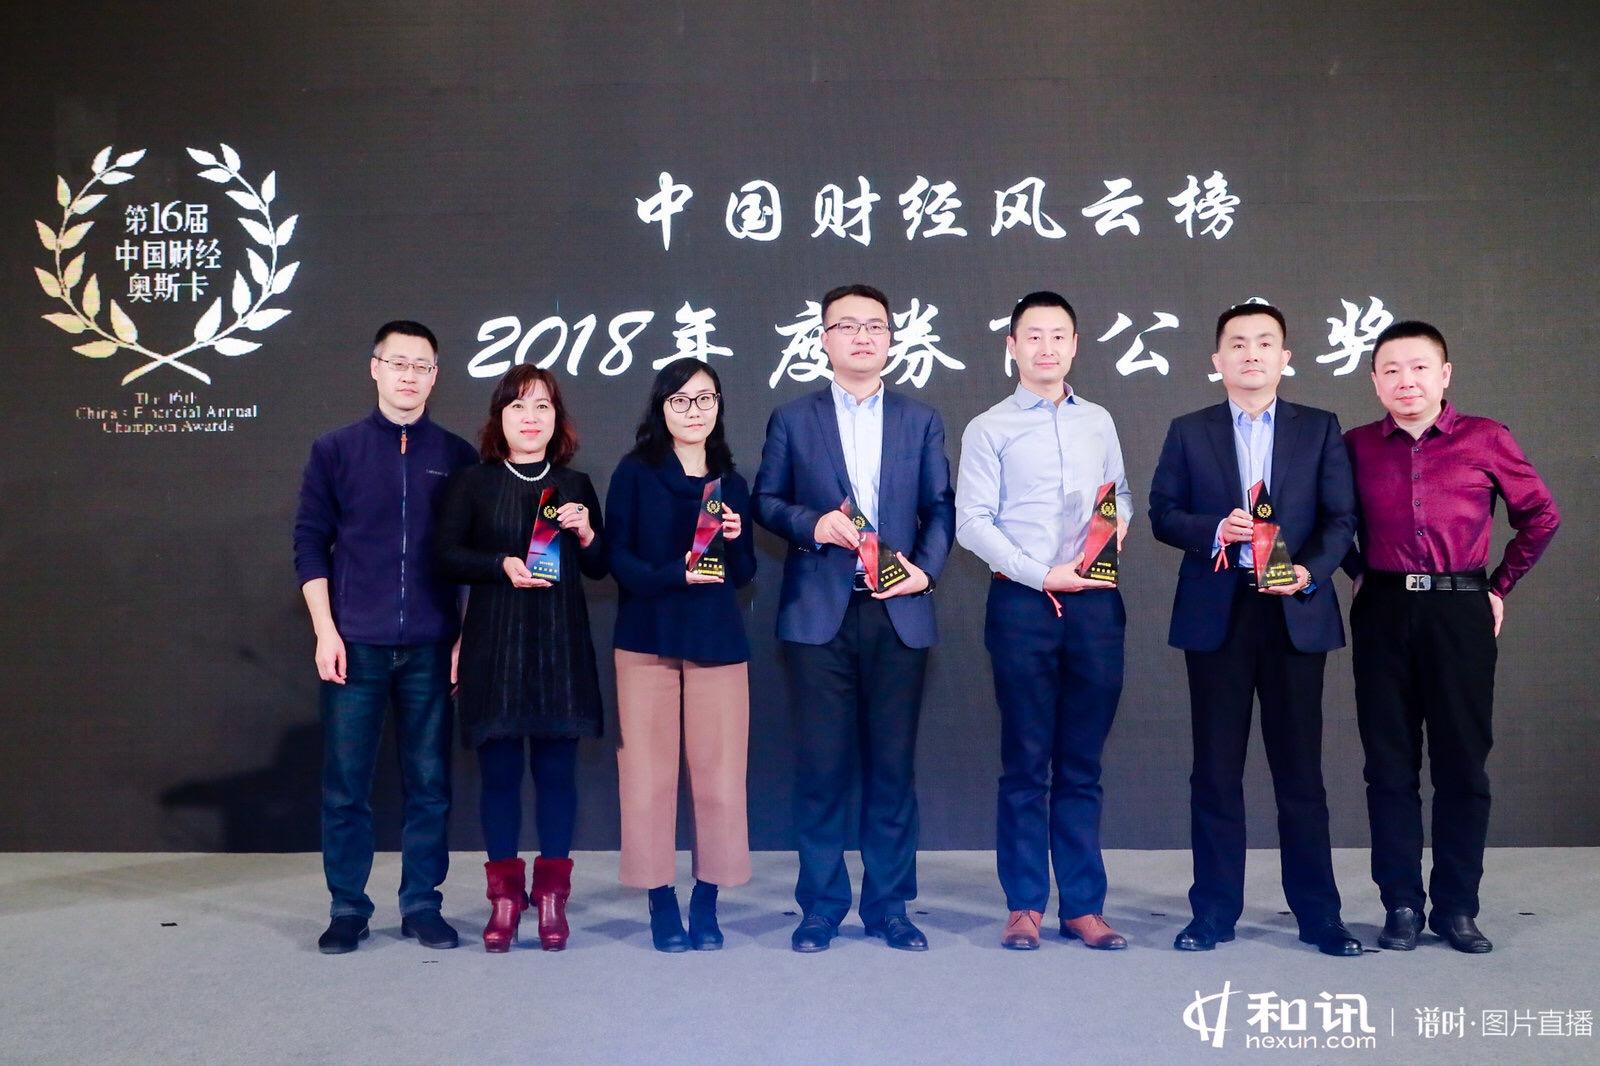 """中泰证券荣获中国财经风云榜""""2018年度券商公益奖"""""""